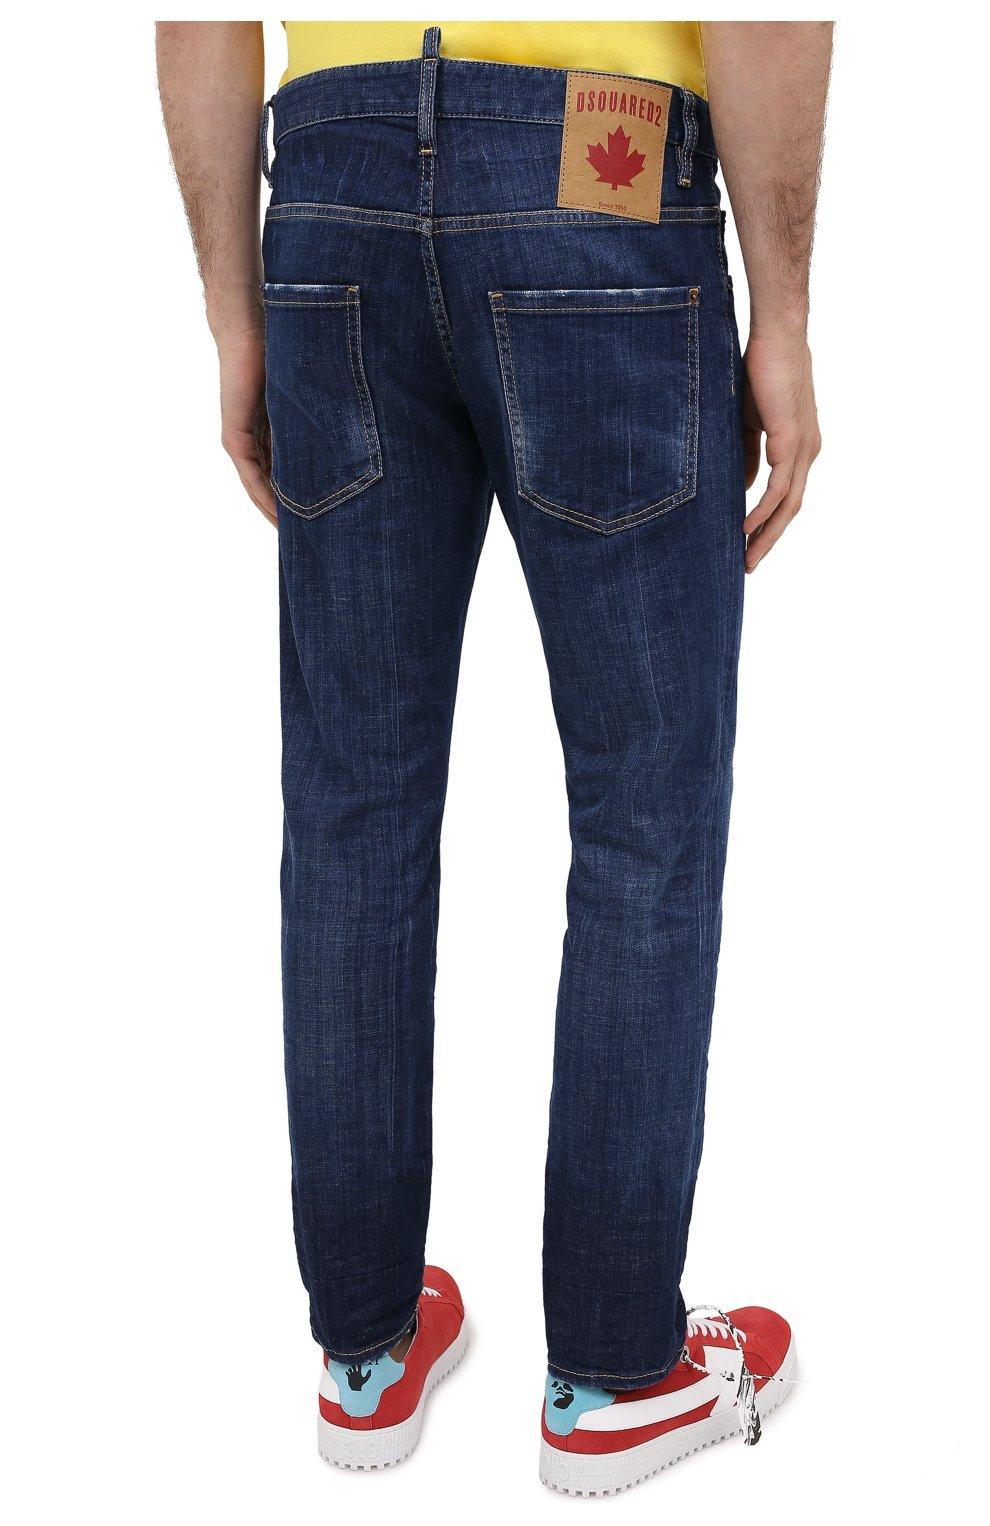 Мужские джинсы DSQUARED2 синего цвета, арт. S74LB0759/S30342 | Фото 4